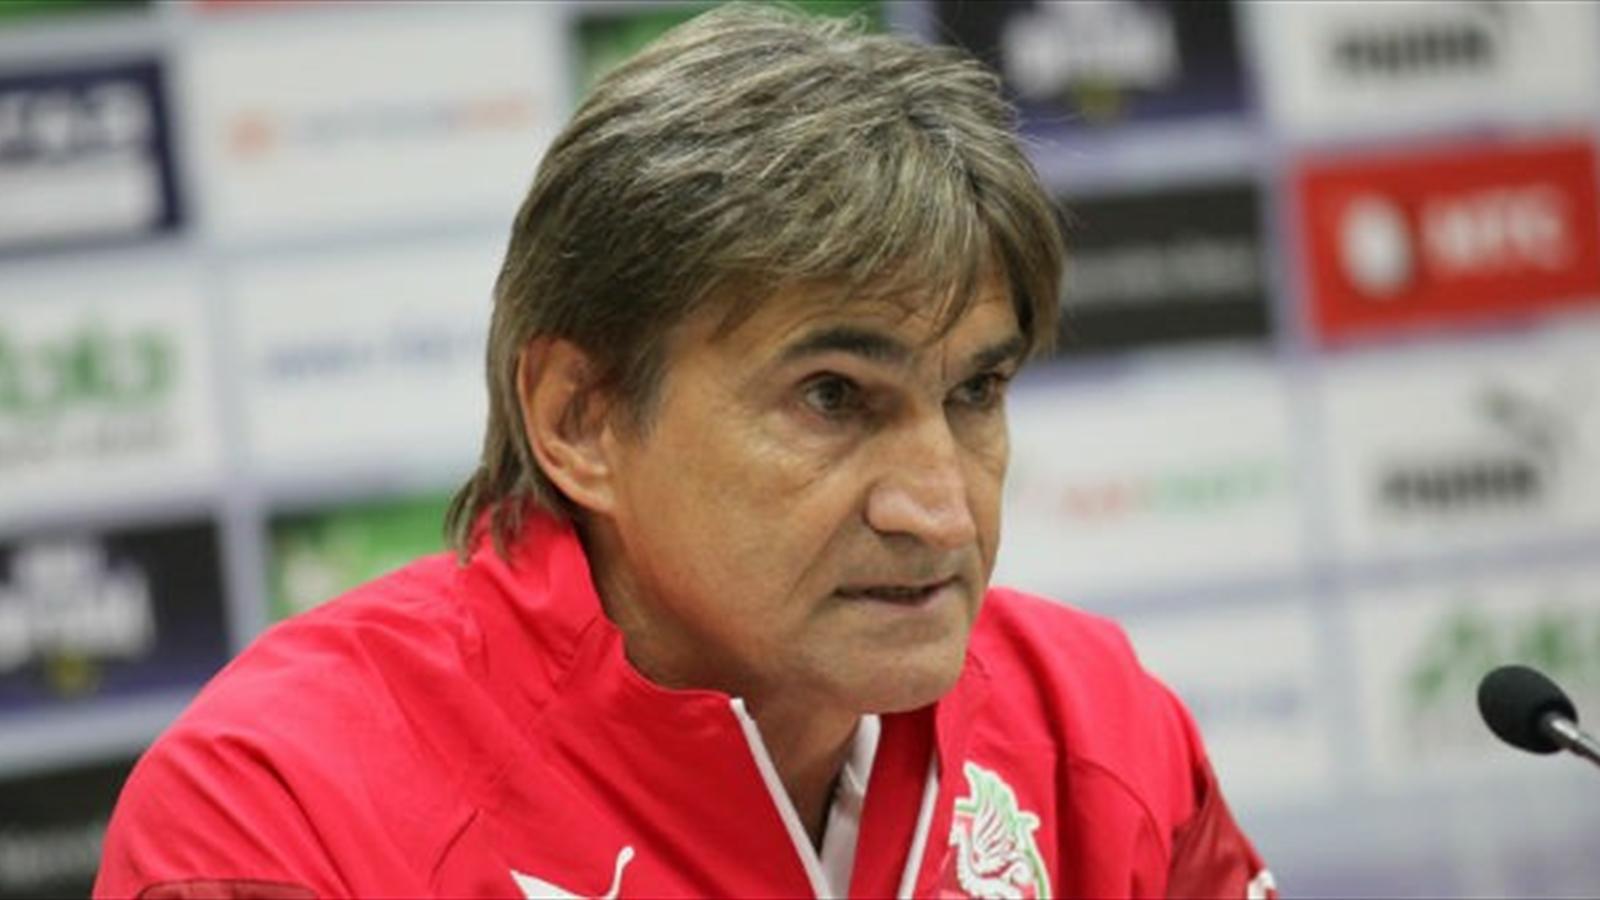 Валерий Чалый: «Спасибо болельщикам, которые придали команде импульс»